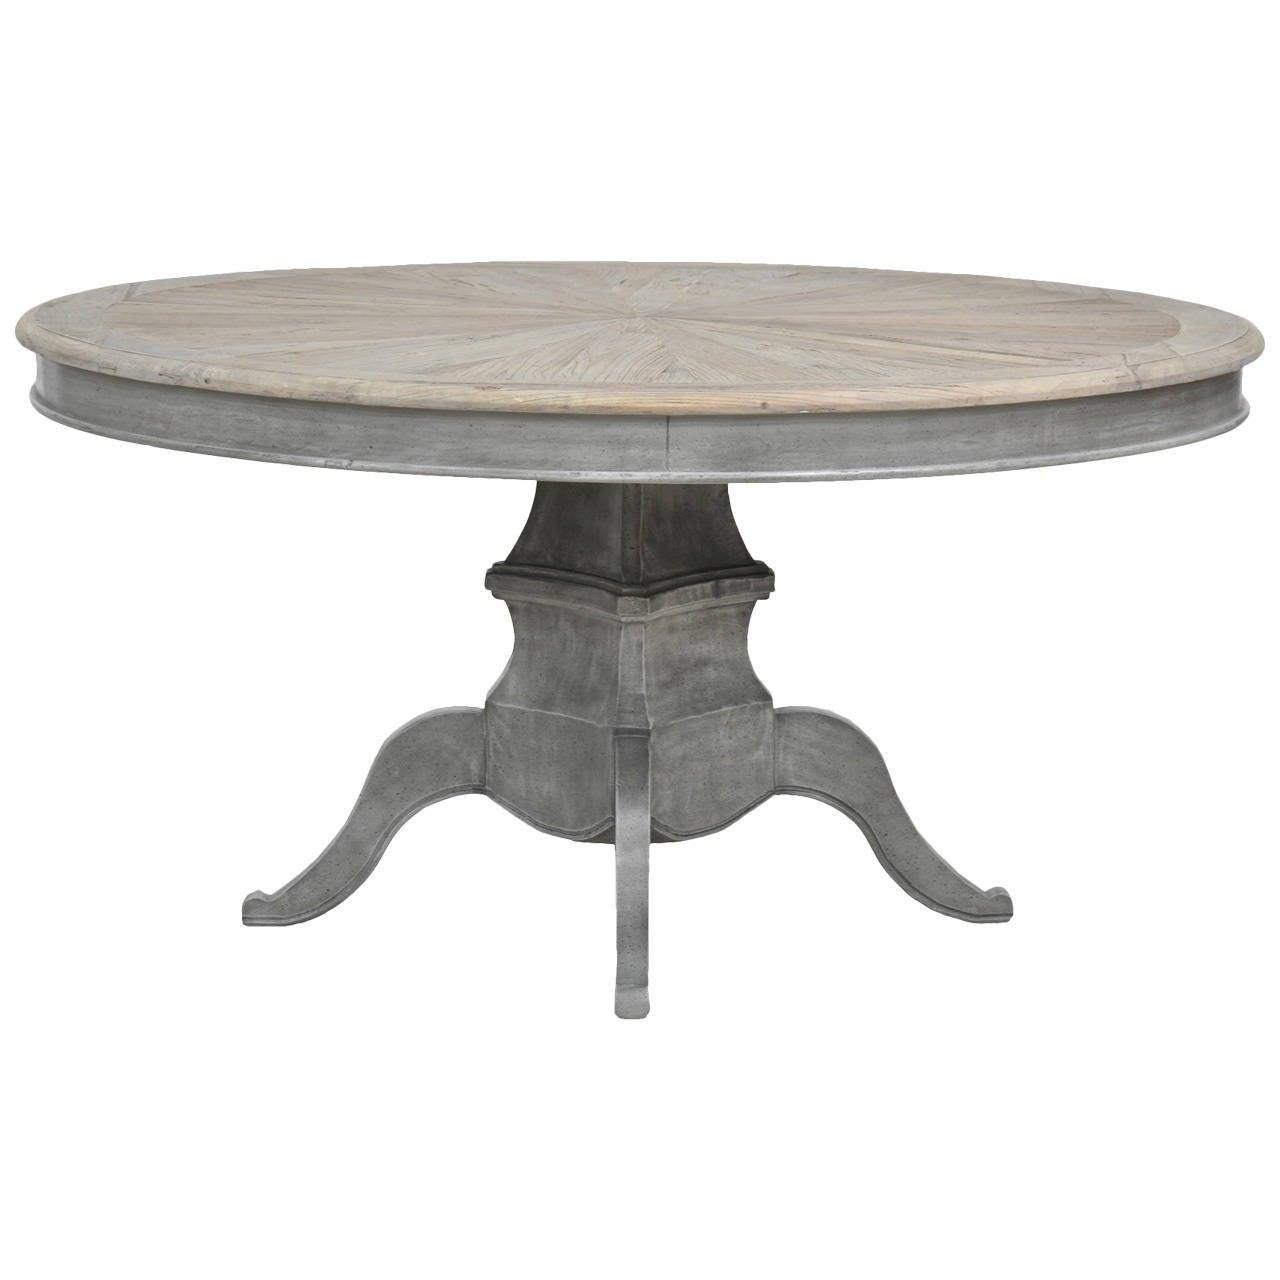 Grey Wash Dining Table At 1stdibs